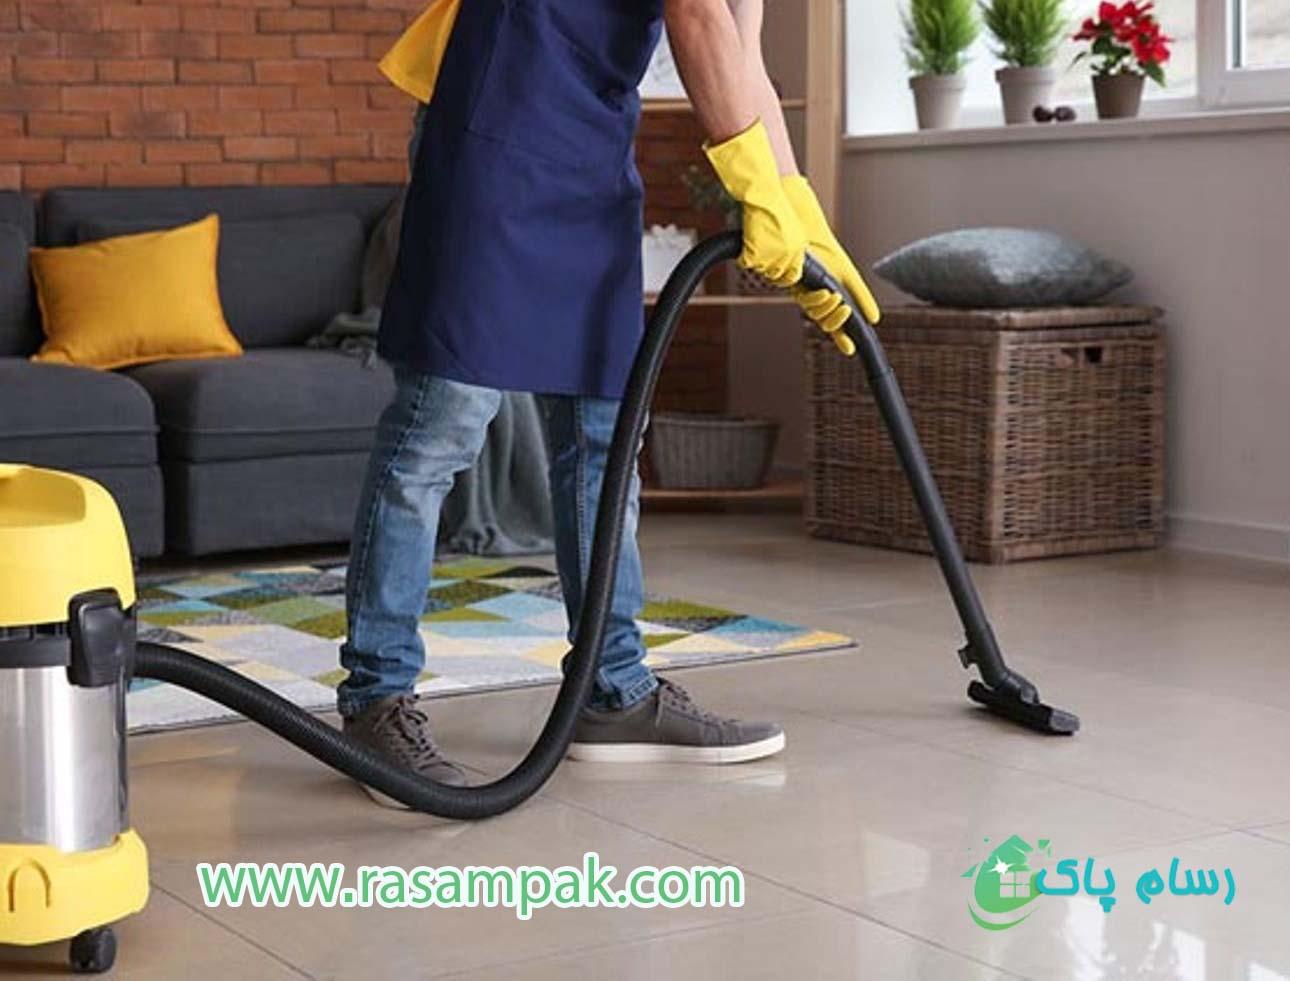 نظافت منزل در تهران شرکت نظافتی رسام پاک